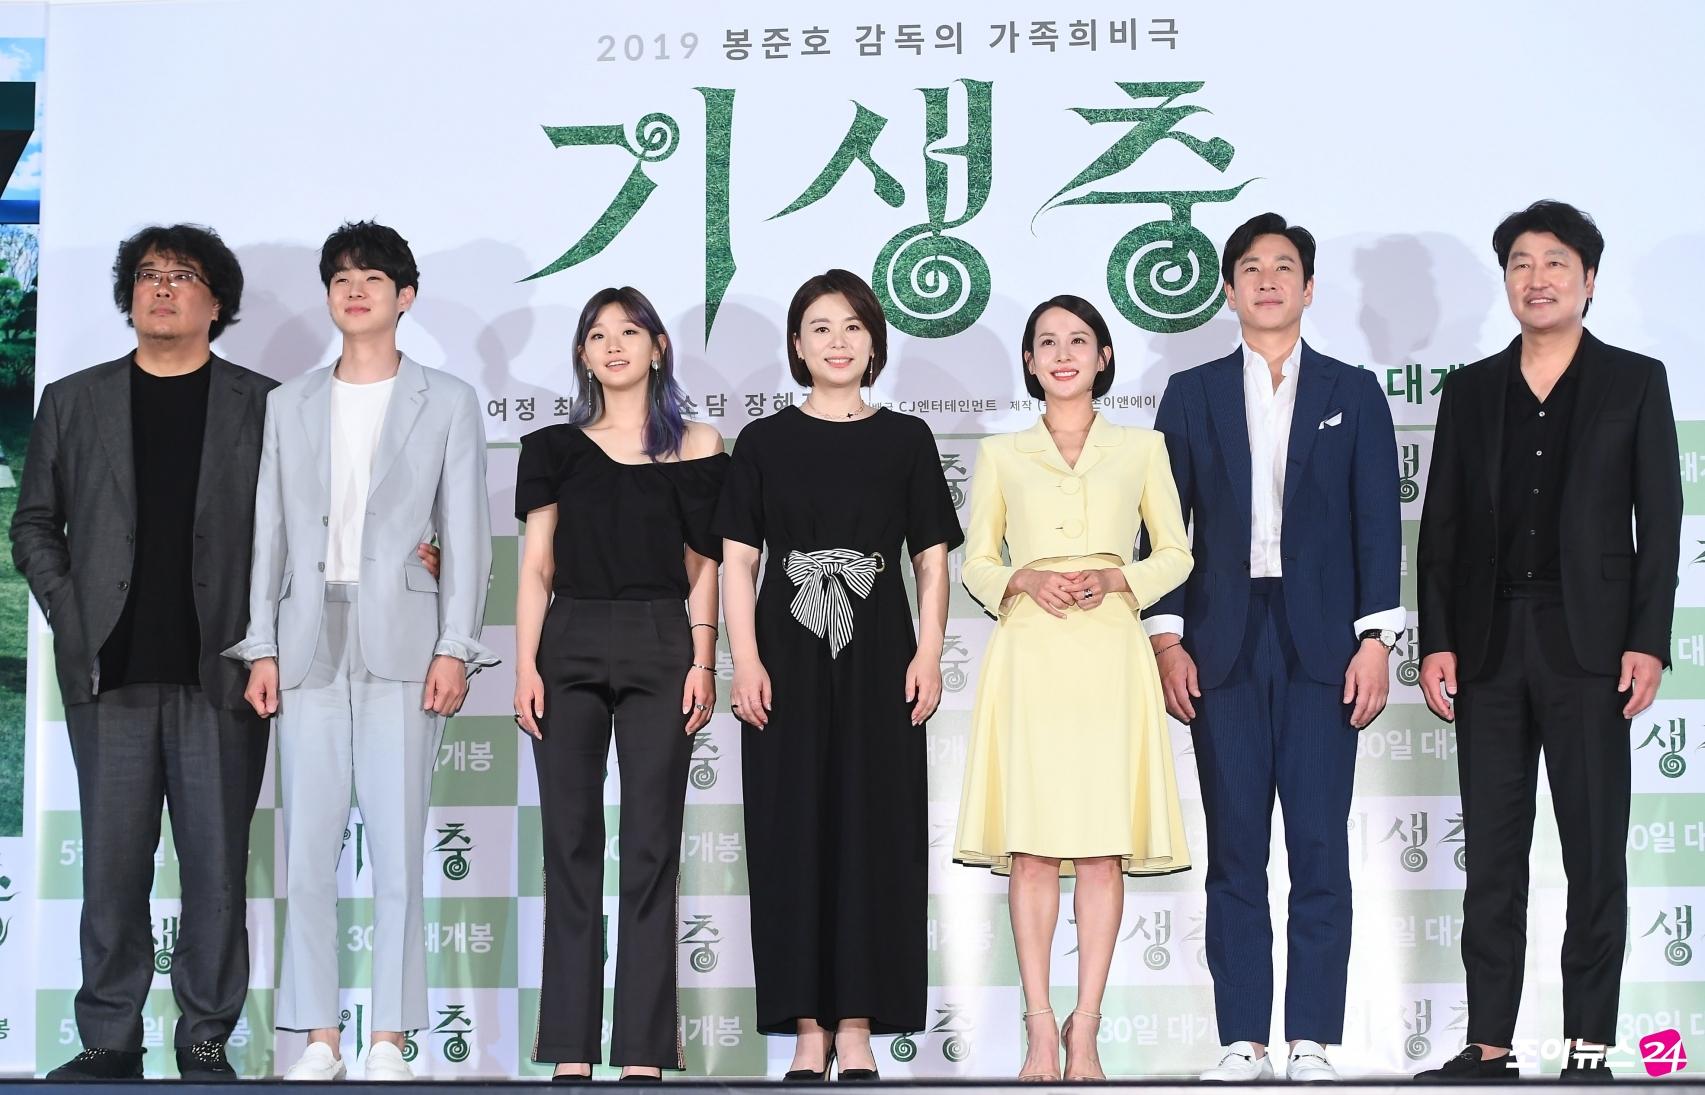 《寄生上流》名導奉俊昊風光歸國 許願和觀眾一起看電影  新片南韓首映明星力挺 超高評價衝出預售冠軍